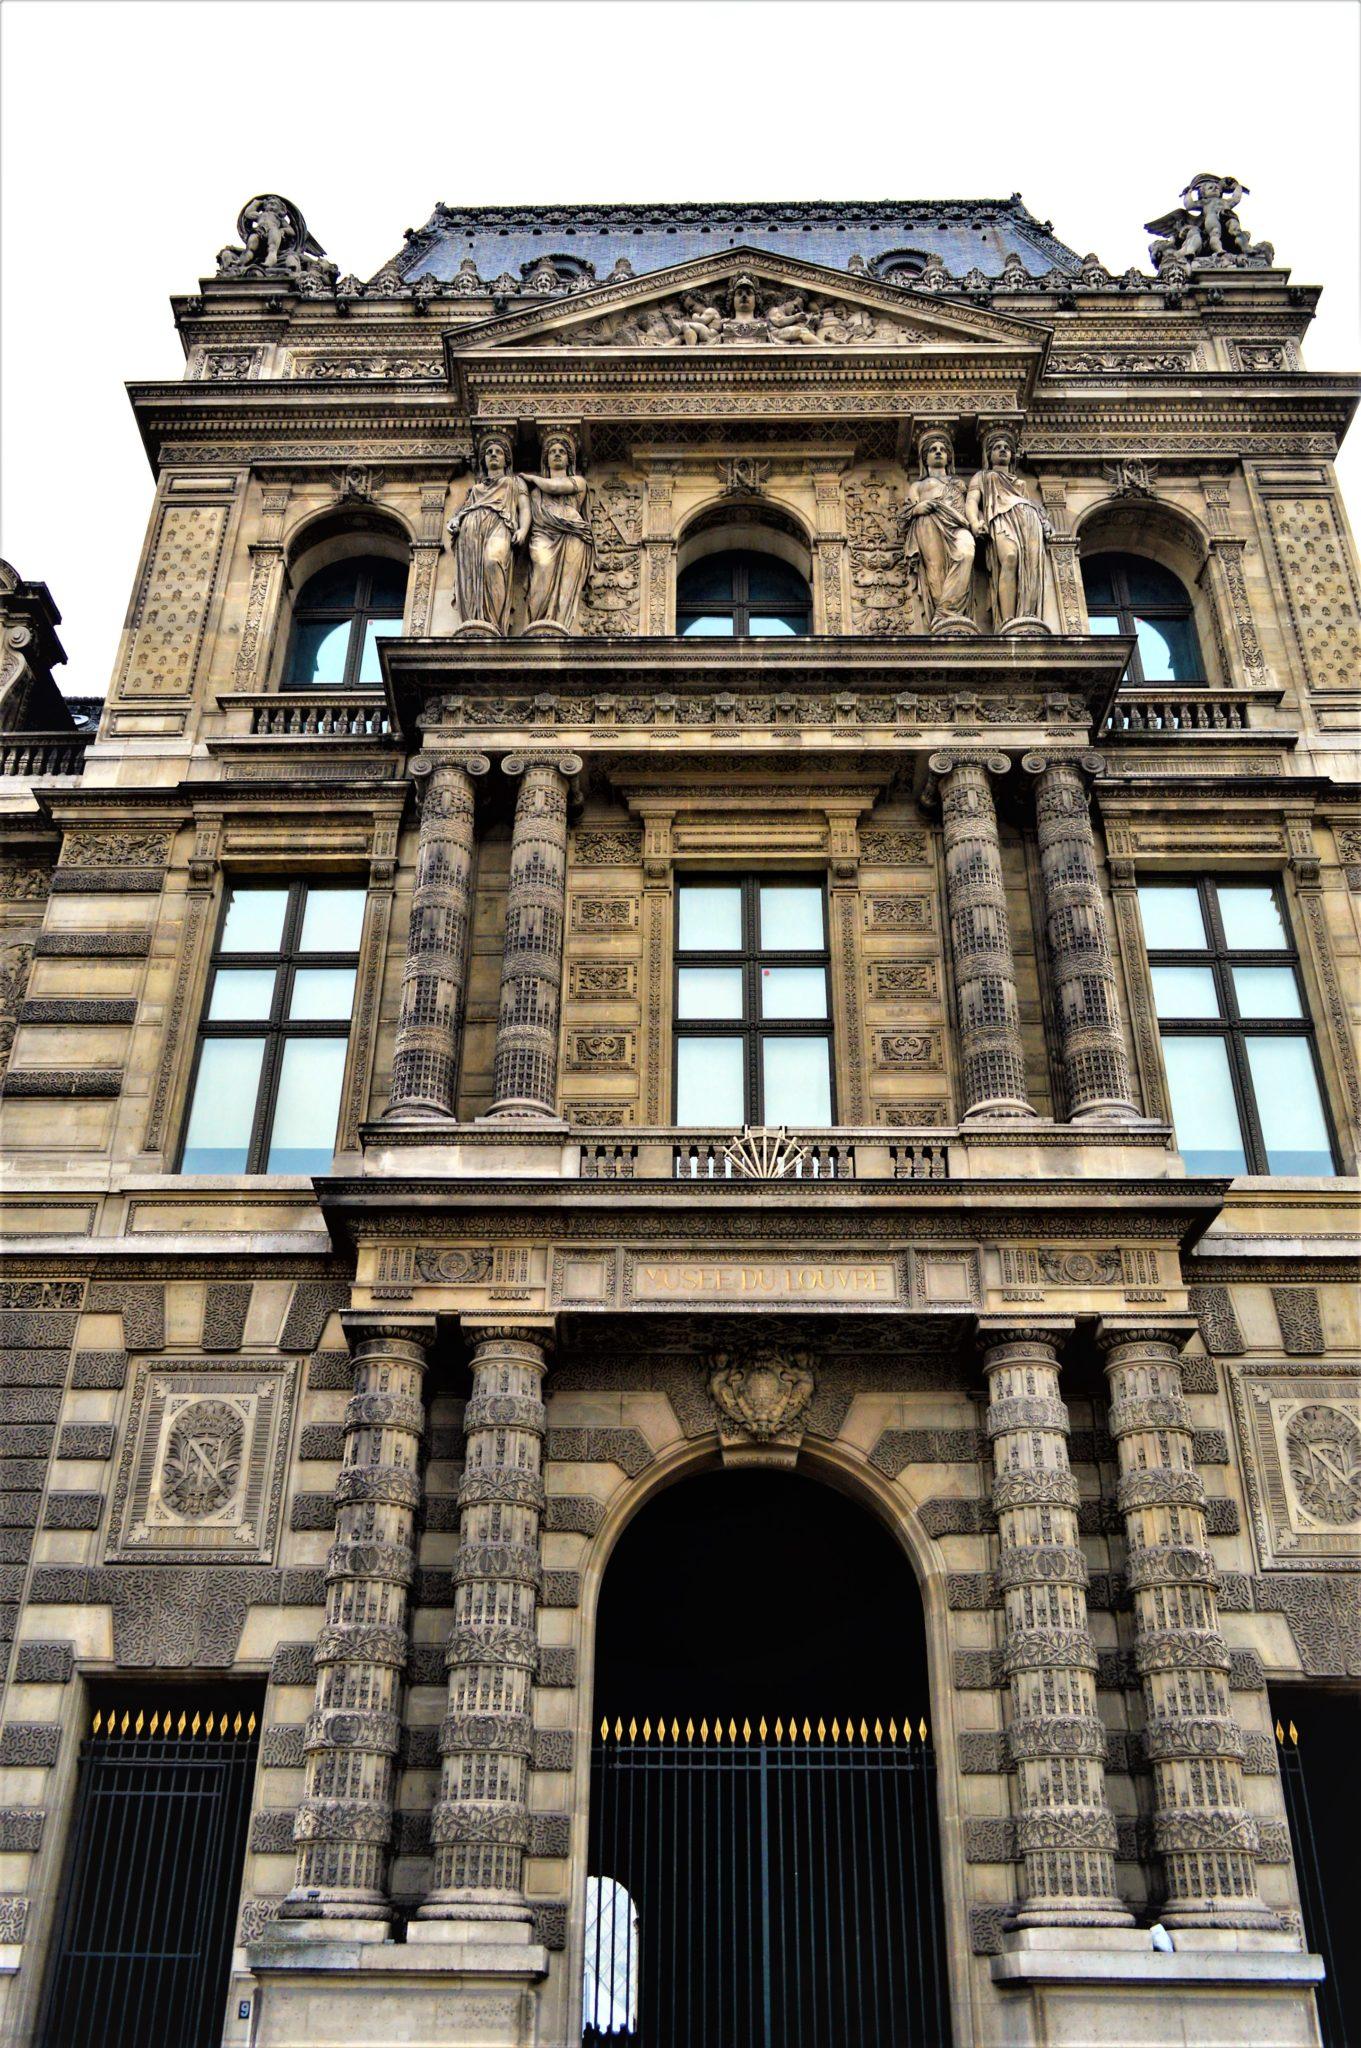 Museum Louvre, Paris, France